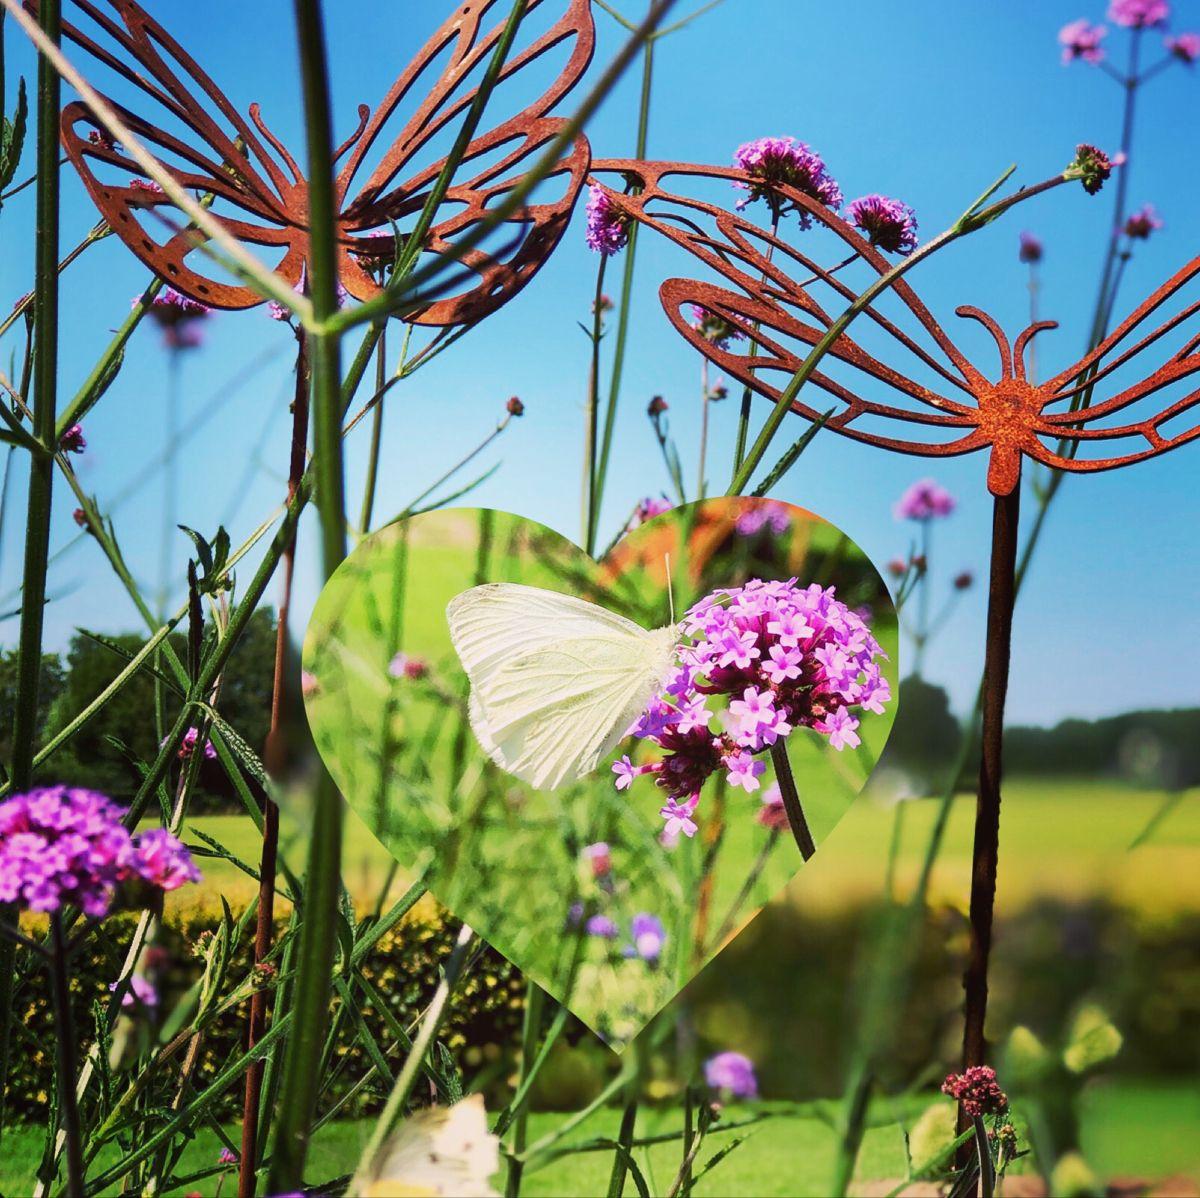 Vlinder Tuinstekers Tuinontwerp Roestig Metaal Vlinders